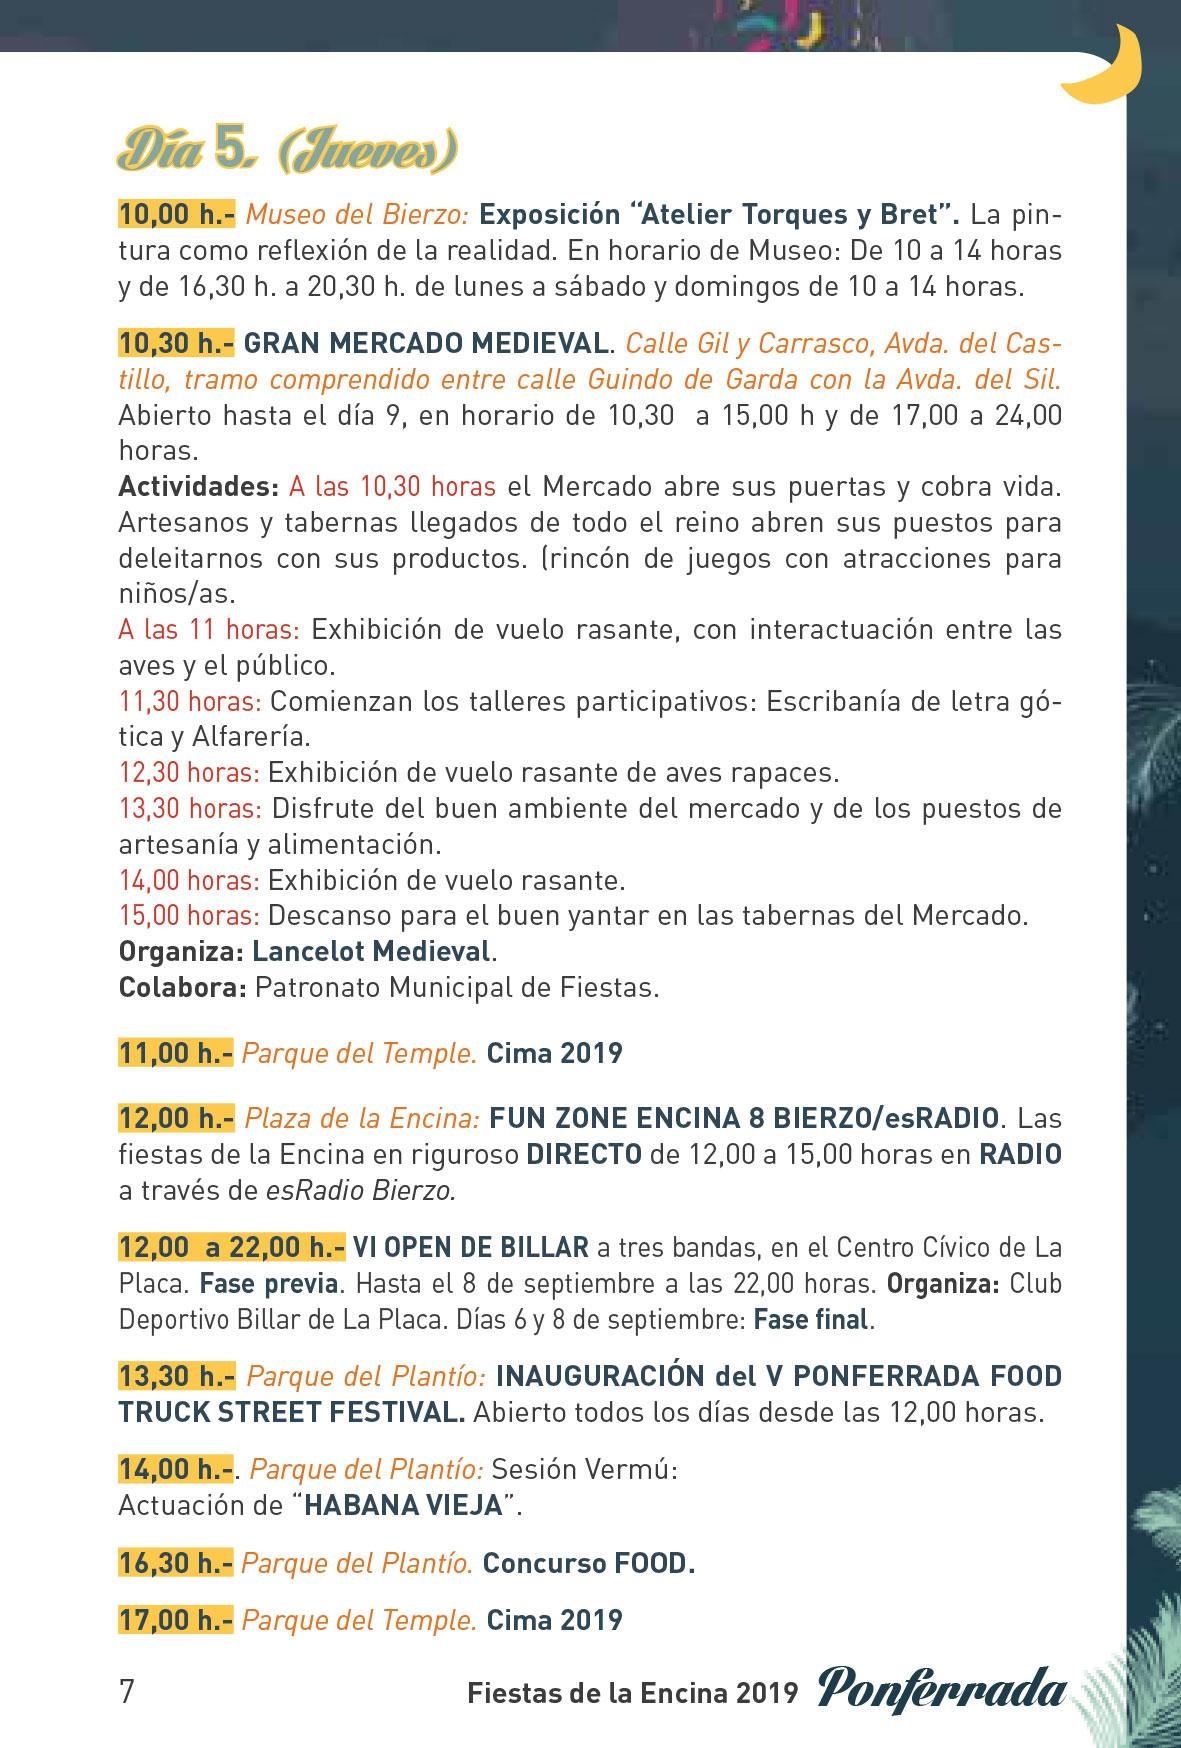 Fiestas de la Encina 2019. Programa y actividades 7